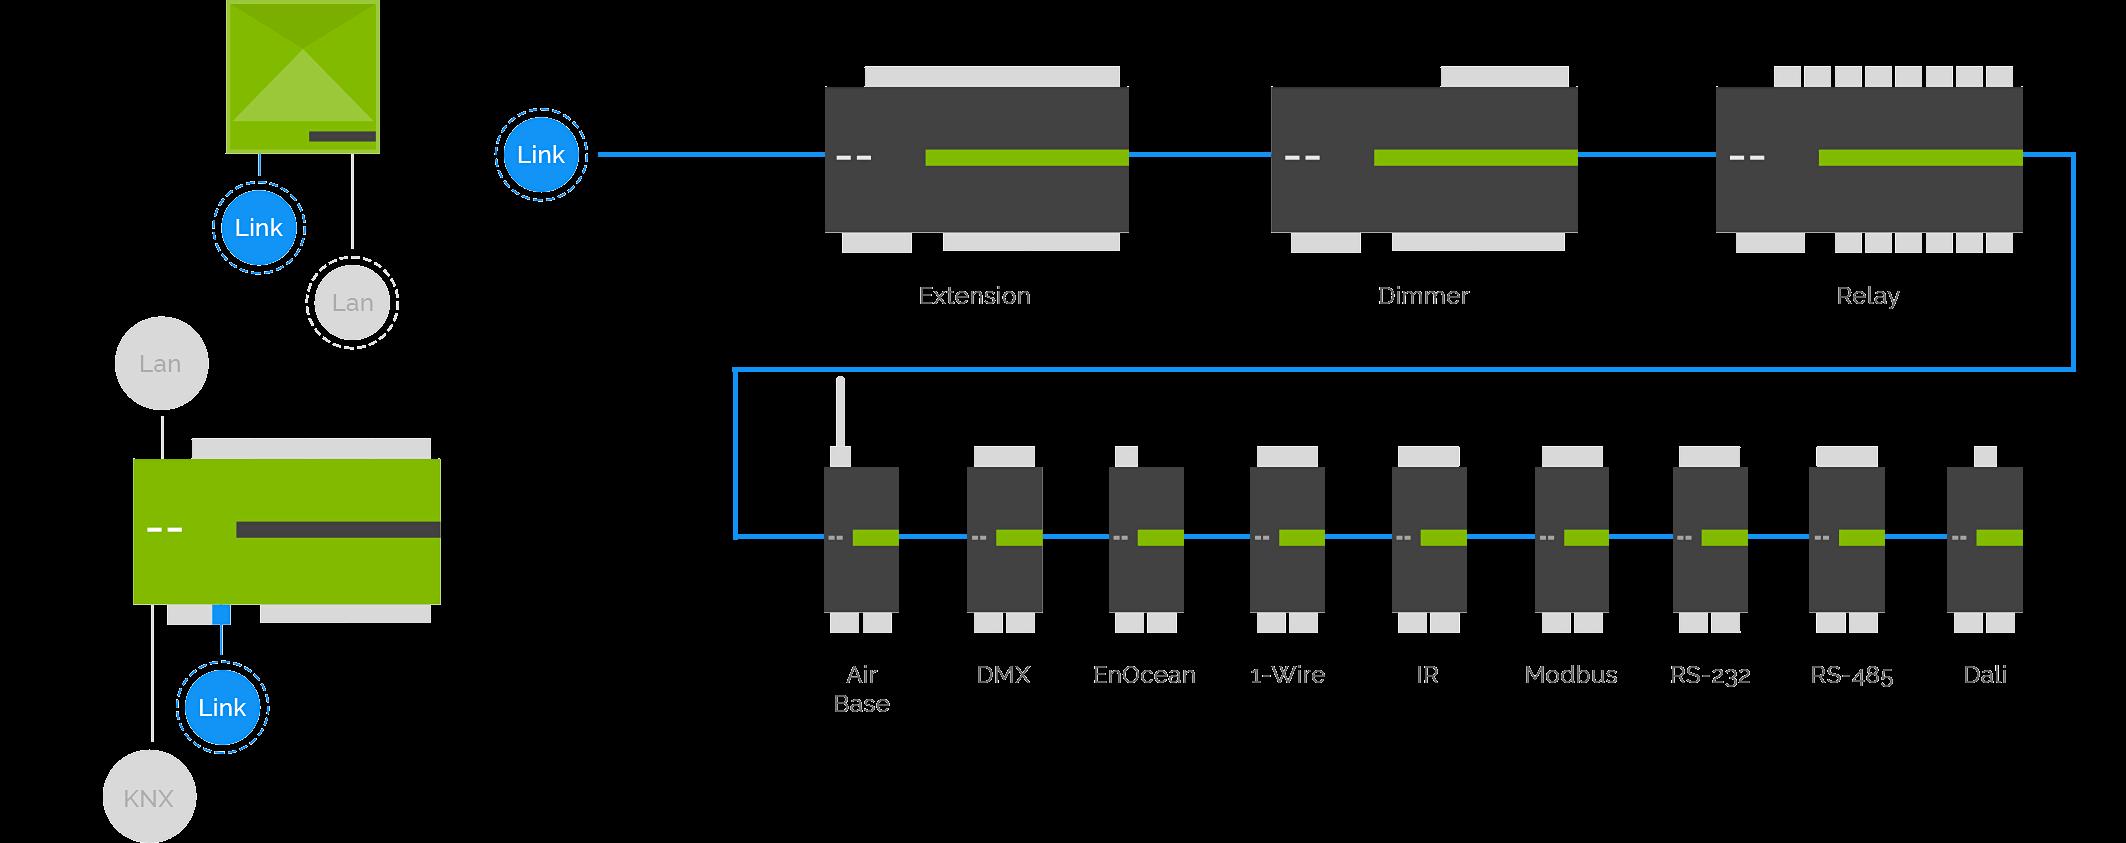 Uw domoticasysteem uitbreiden met Extensions